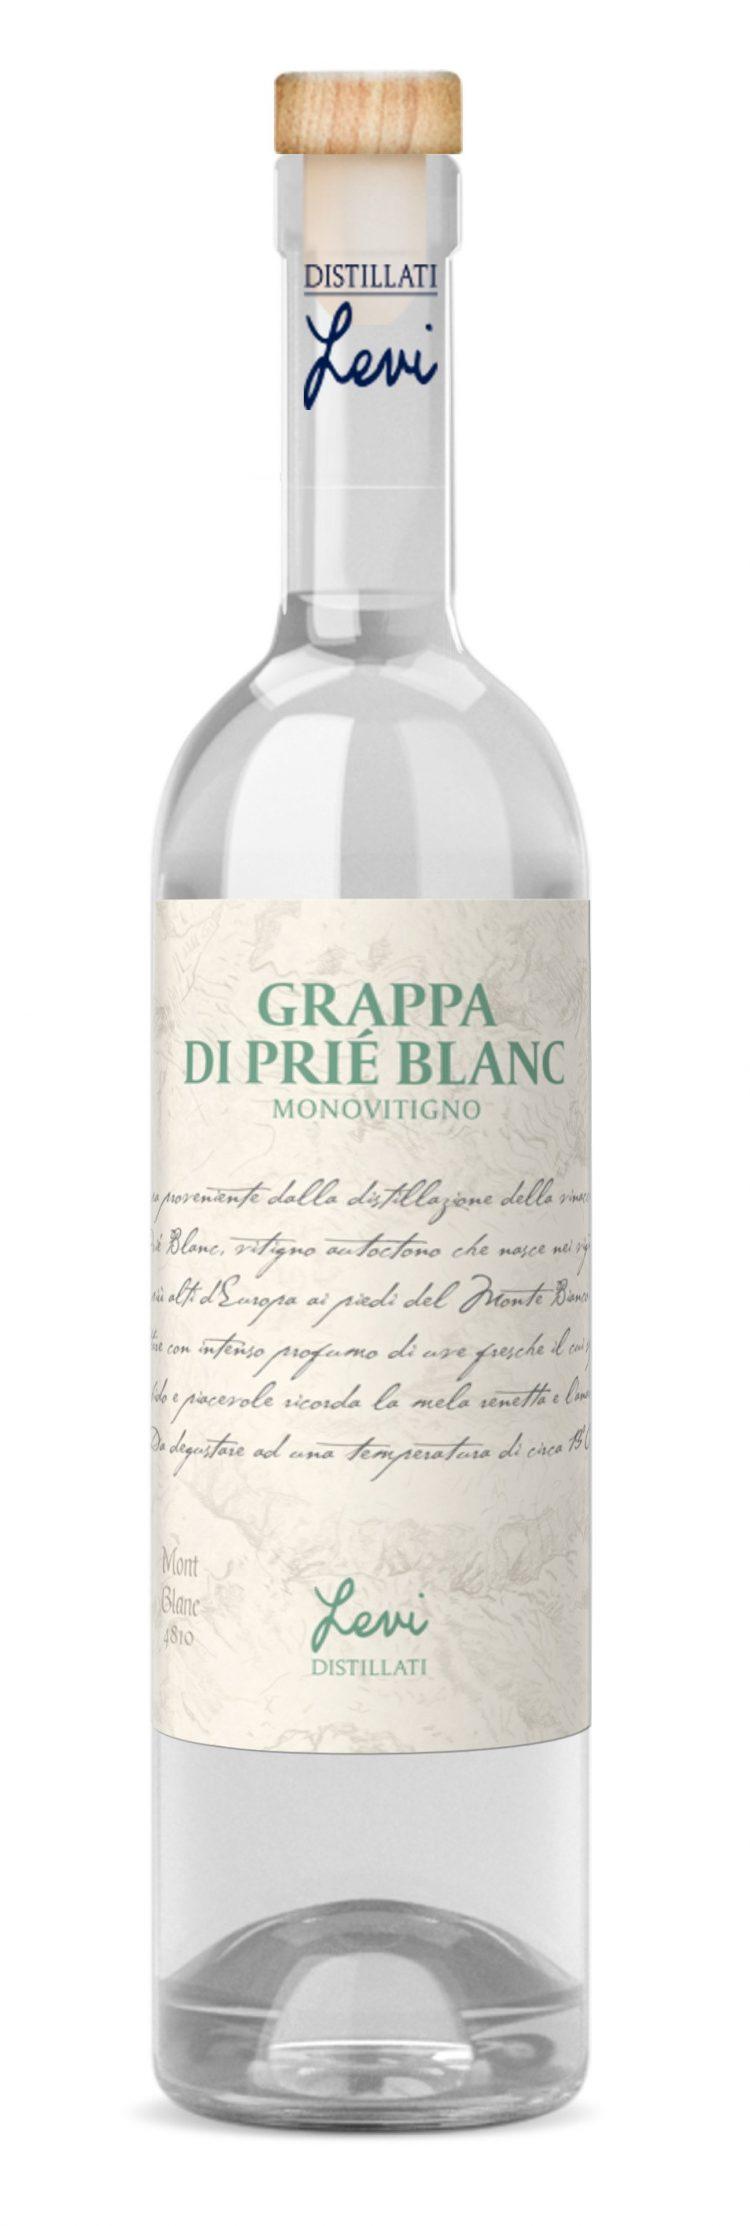 La Grappa Monovitigno di Prié Blanc di Levi premiata al World Grappa Award 2021